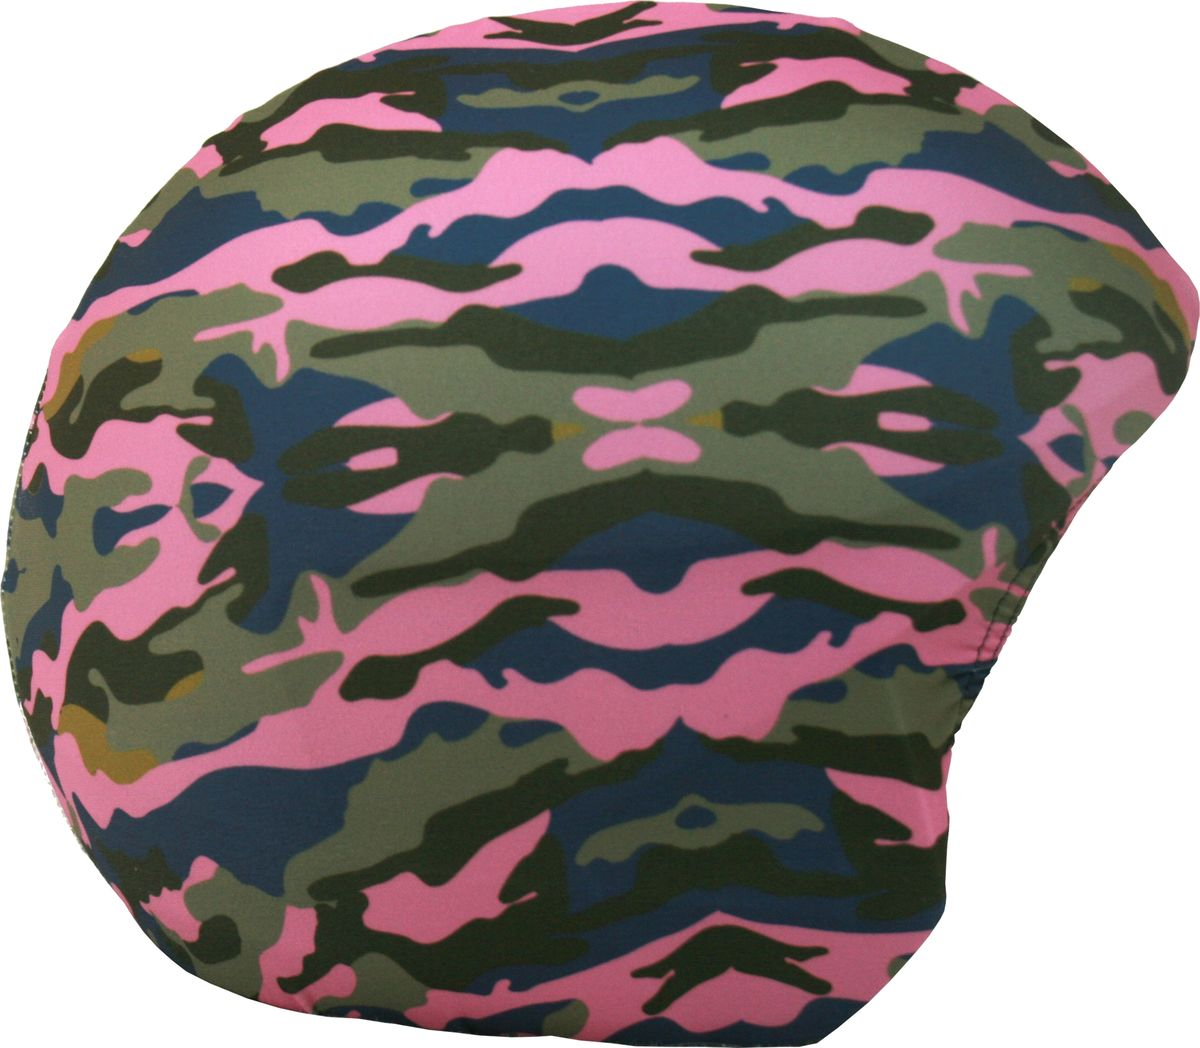 Нашлемник CoolCasc Camouflage. Камуфляж, цвет: коричневый, черный, серыйУТ-00007777Стильный нашлемник CoolCasc для спортивного шлема предназначен для занятий спортом (сноуборд, горные лыжи, велосипед) и развлечений. Легко надевается, защищает шлем от царапин. Размер - универсальный.Нашлемник CoolCasc поможет подчеркнуть вашу индивидуальность и выделит вас среди окружающих. Состав: 83% нейлон, 17% спандекс. Что взять с собой на горнолыжную прогулку: рассказывают эксперты. Статья OZON Гид